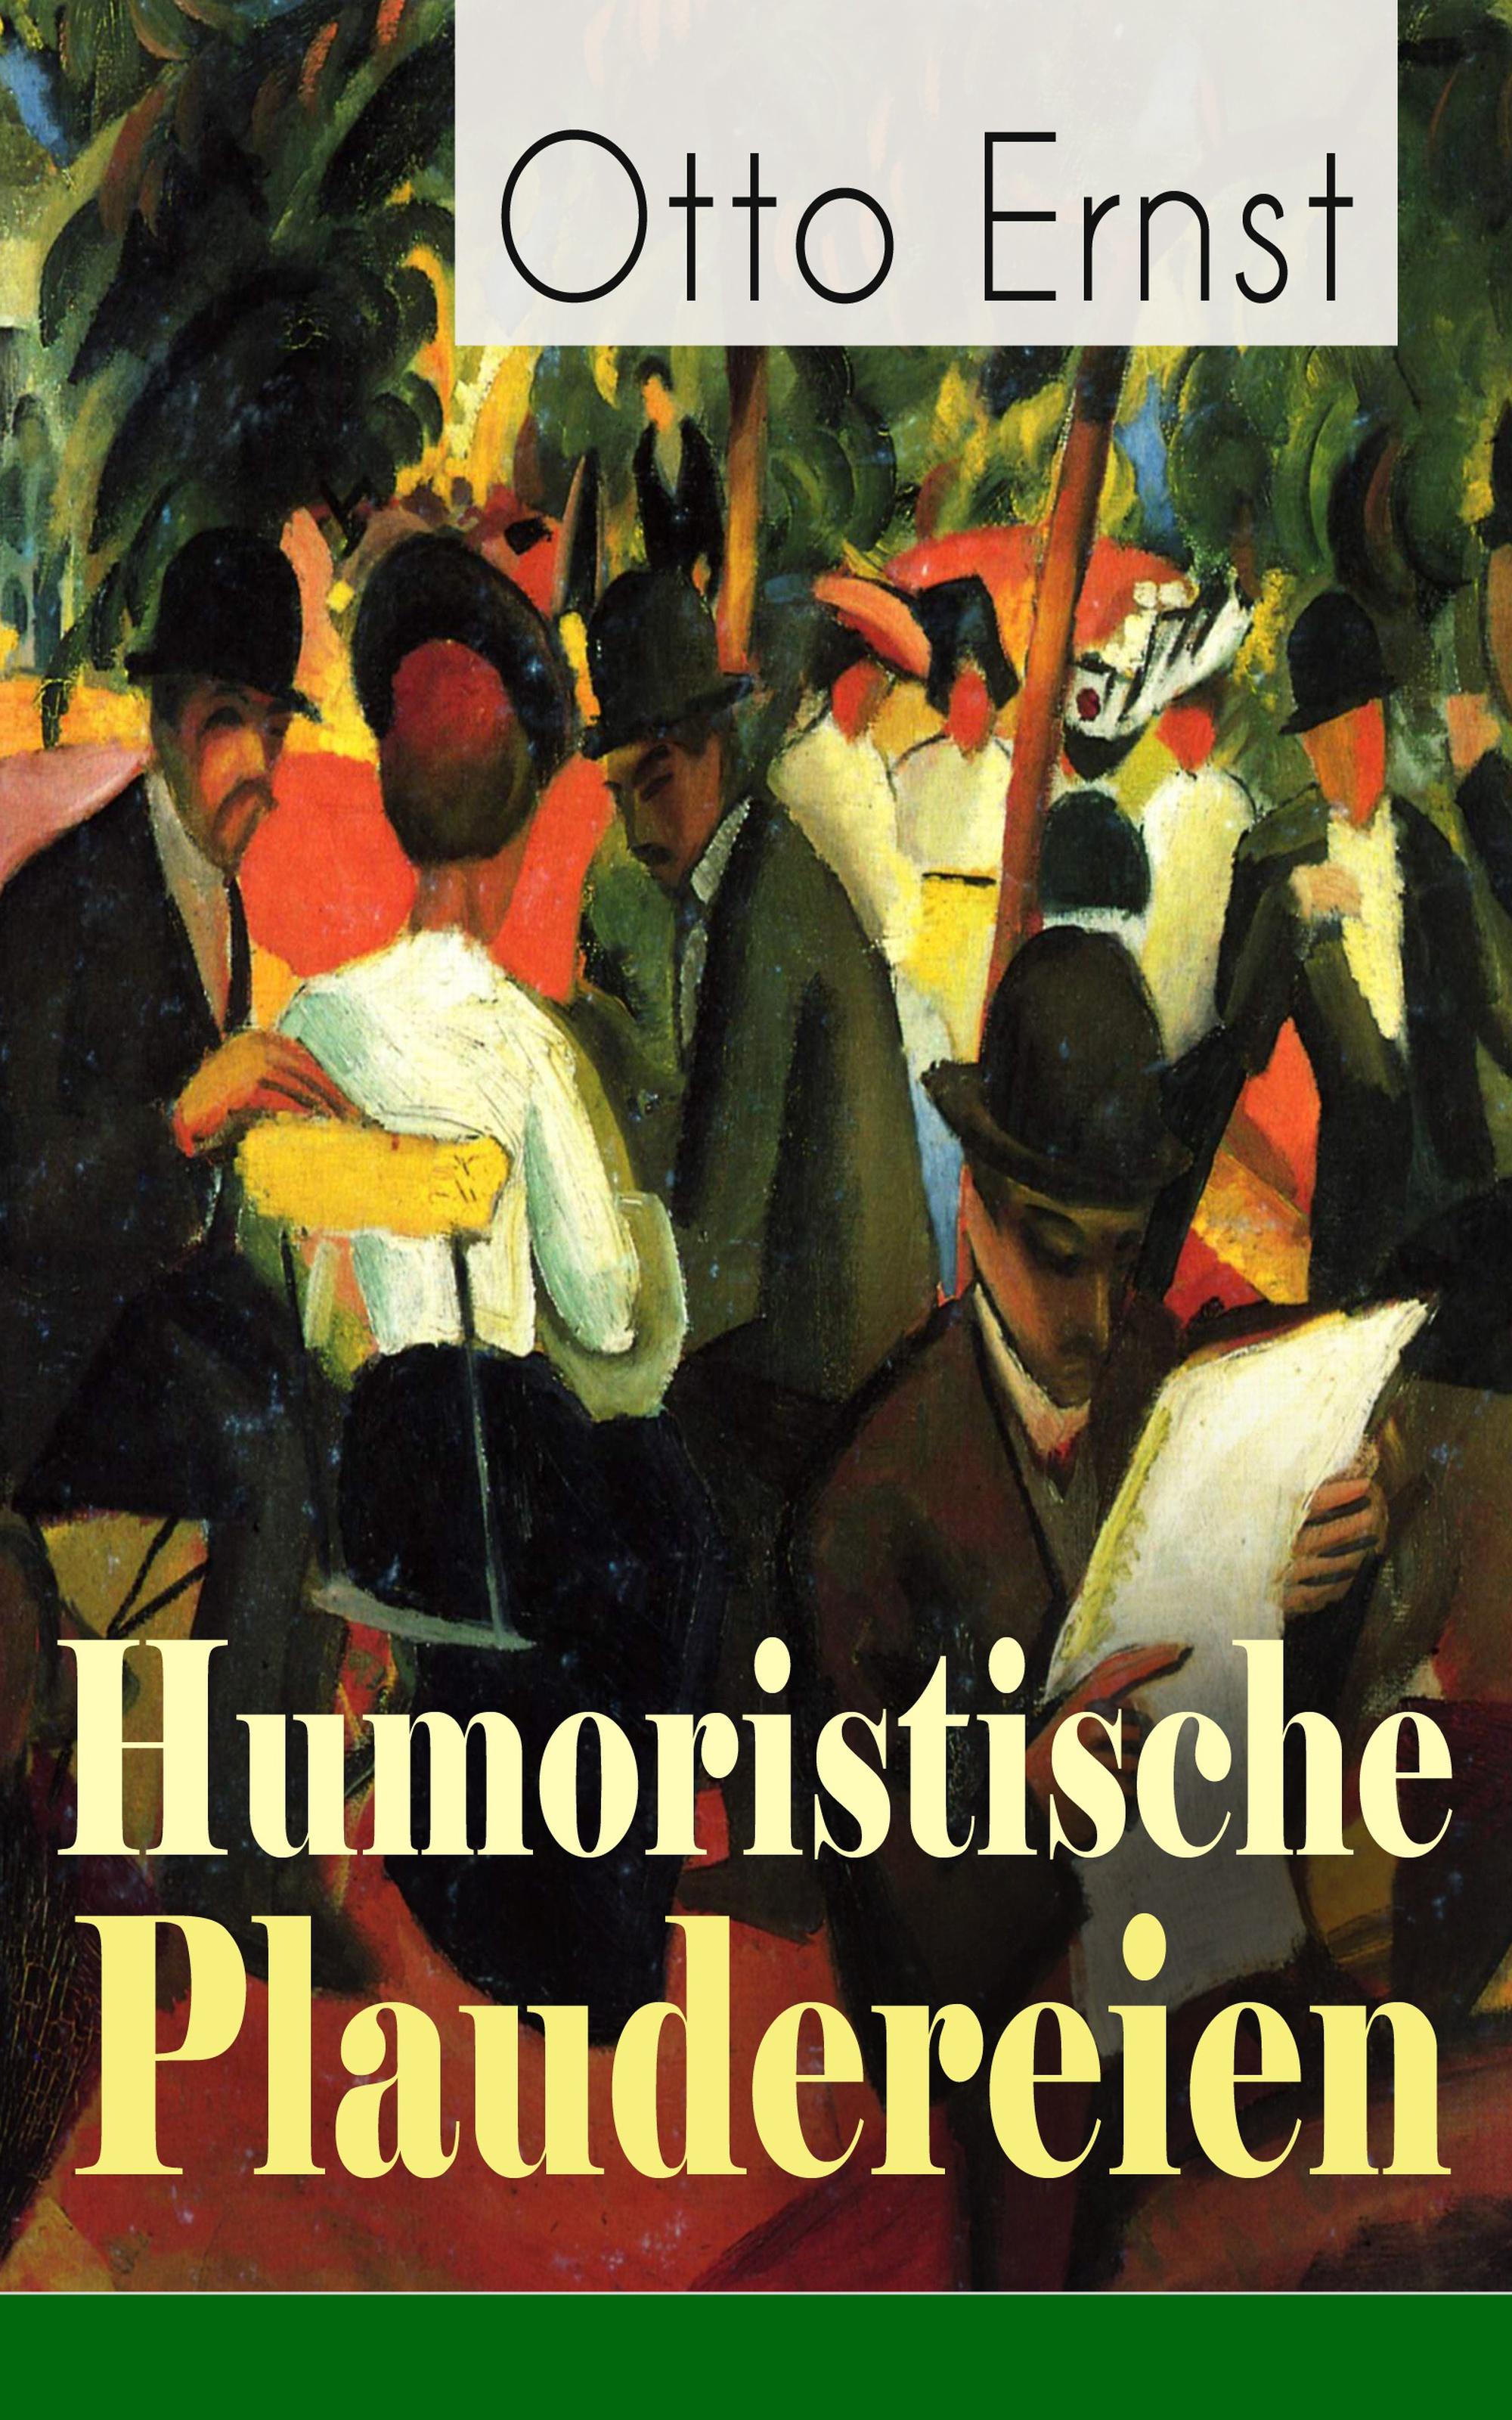 Otto Ernst Humoristische Plaudereien otto ernst humoristische plaudereien